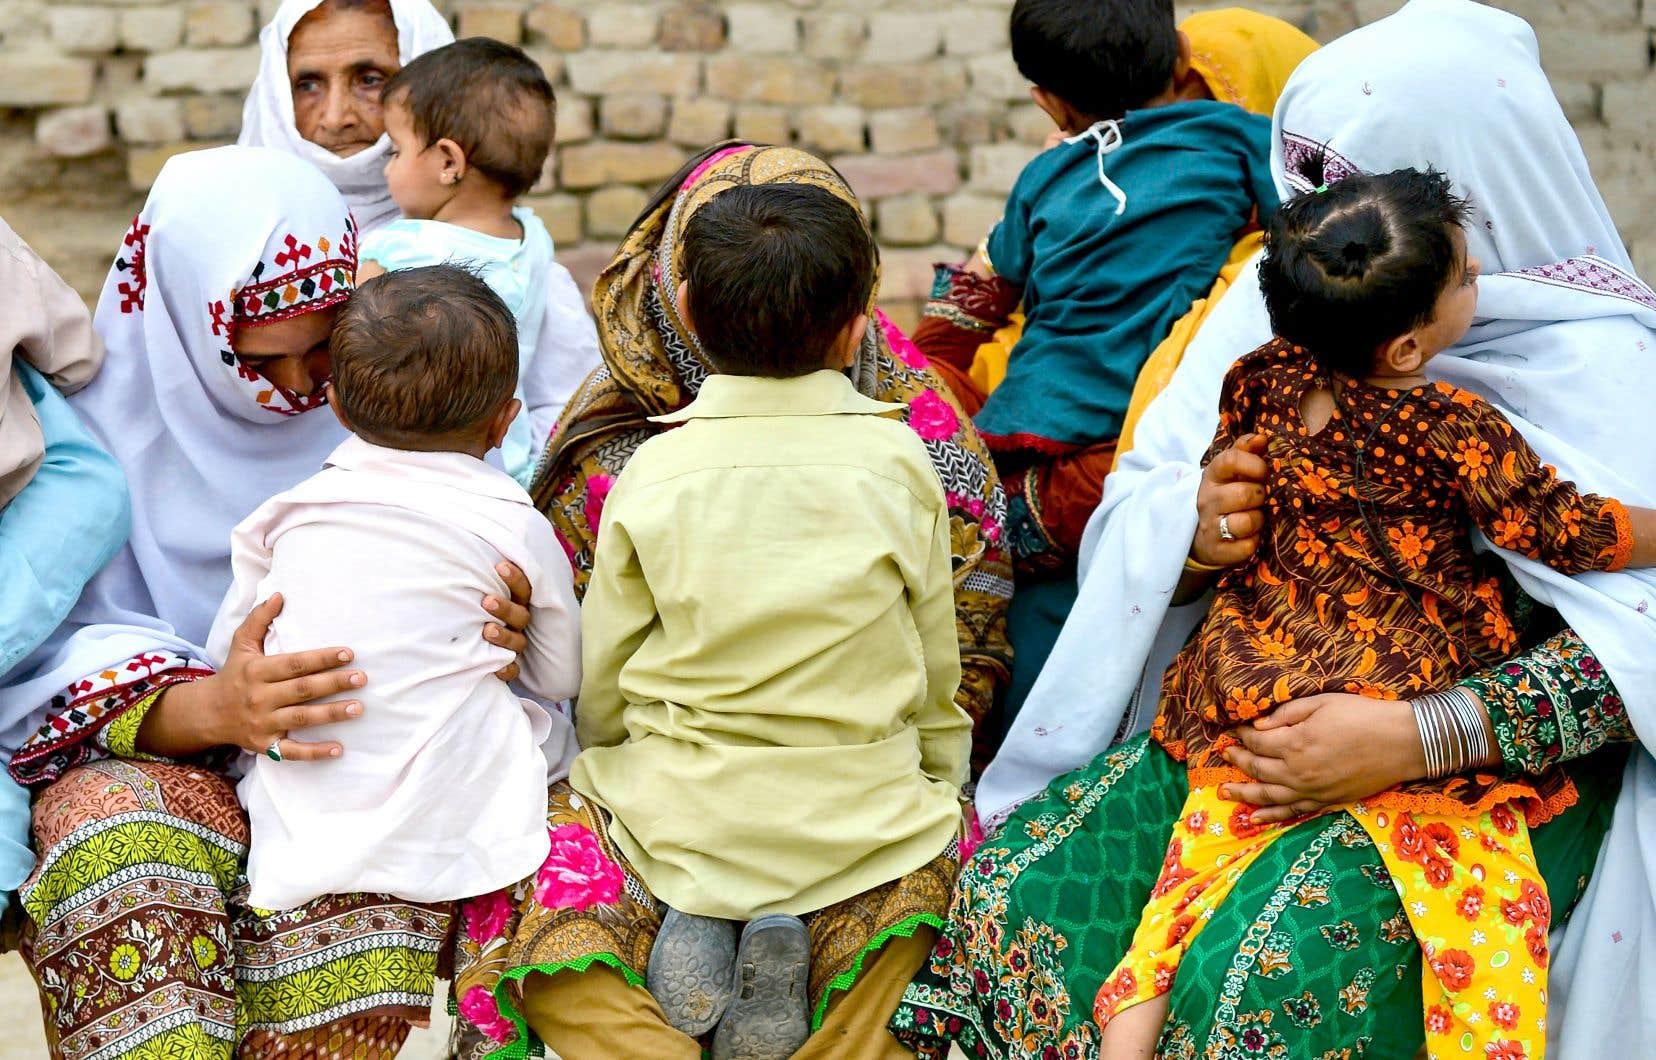 Selon le Fonds des Nations unies pour la population, la modification des règles en matière d'héritage peut éliminer une puissante incitation pour les familles à favoriser les fils plutôt que les filles et à éliminer le mariage des enfants.